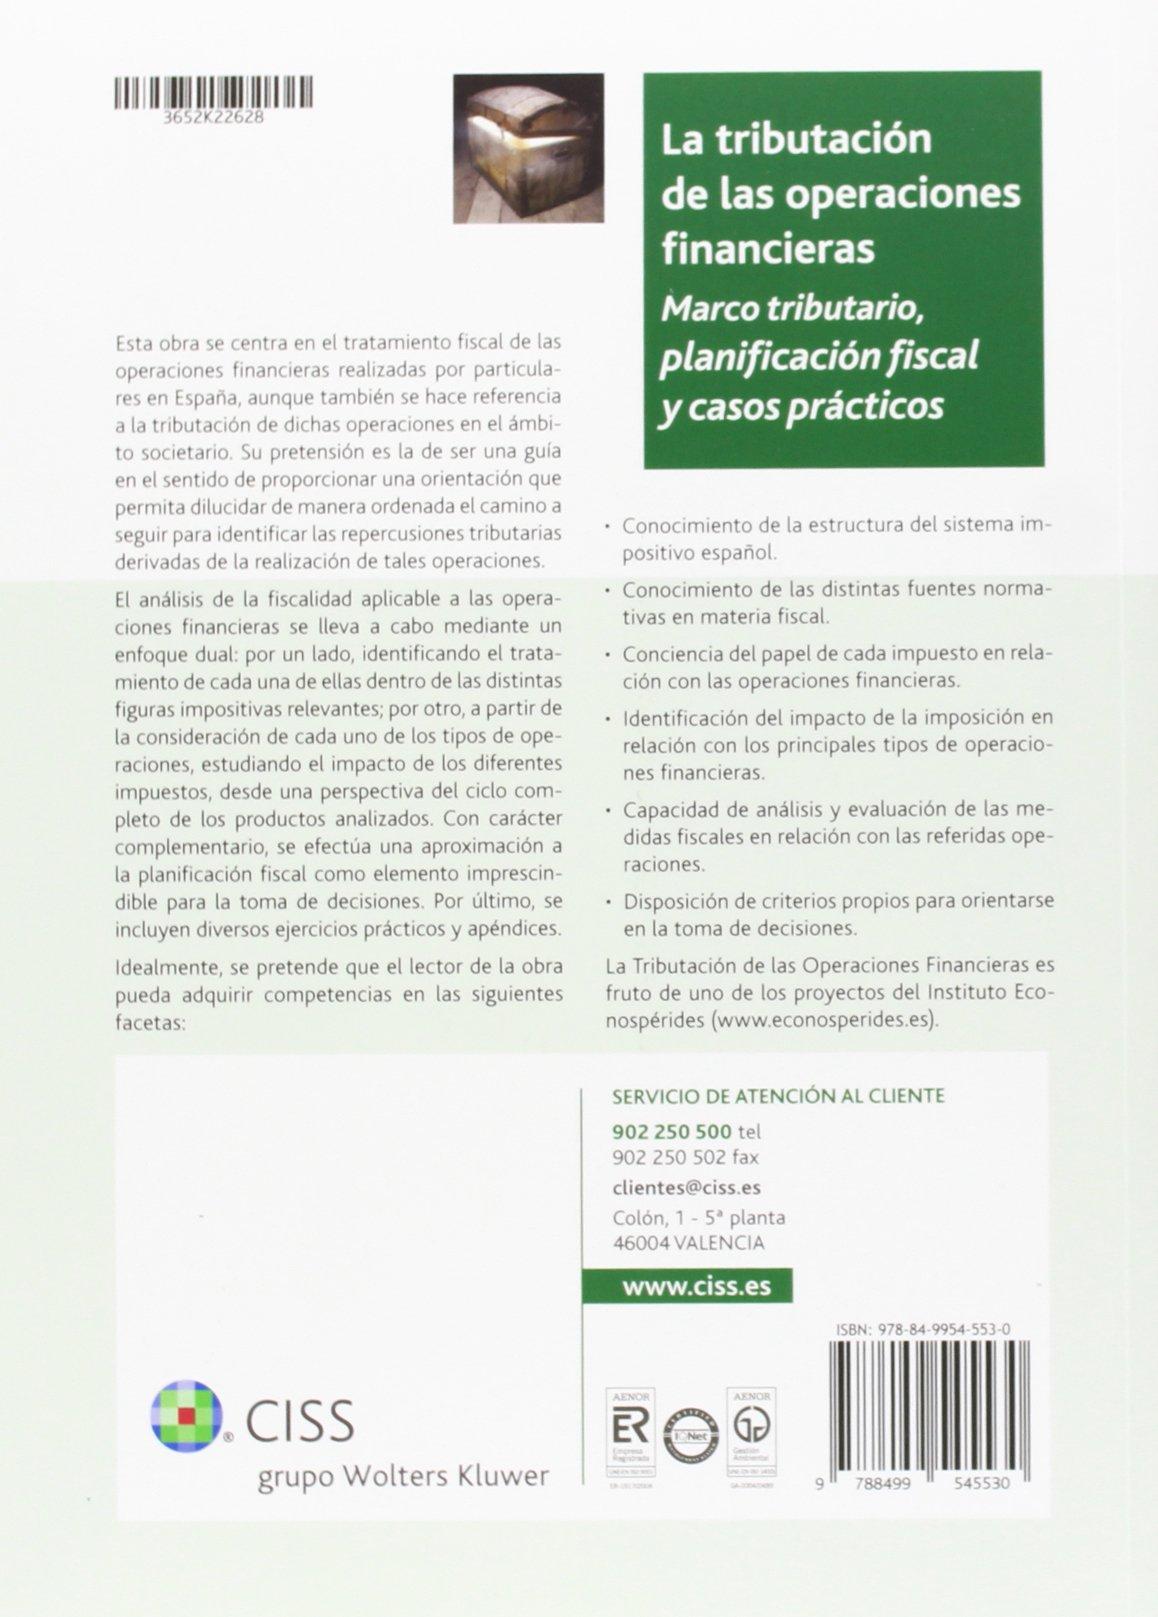 La tributación de las operaciones financieras: Marco tributario, planificación fiscal y casos prácticos: Amazon.es: José María Domínguez Martínez: Libros